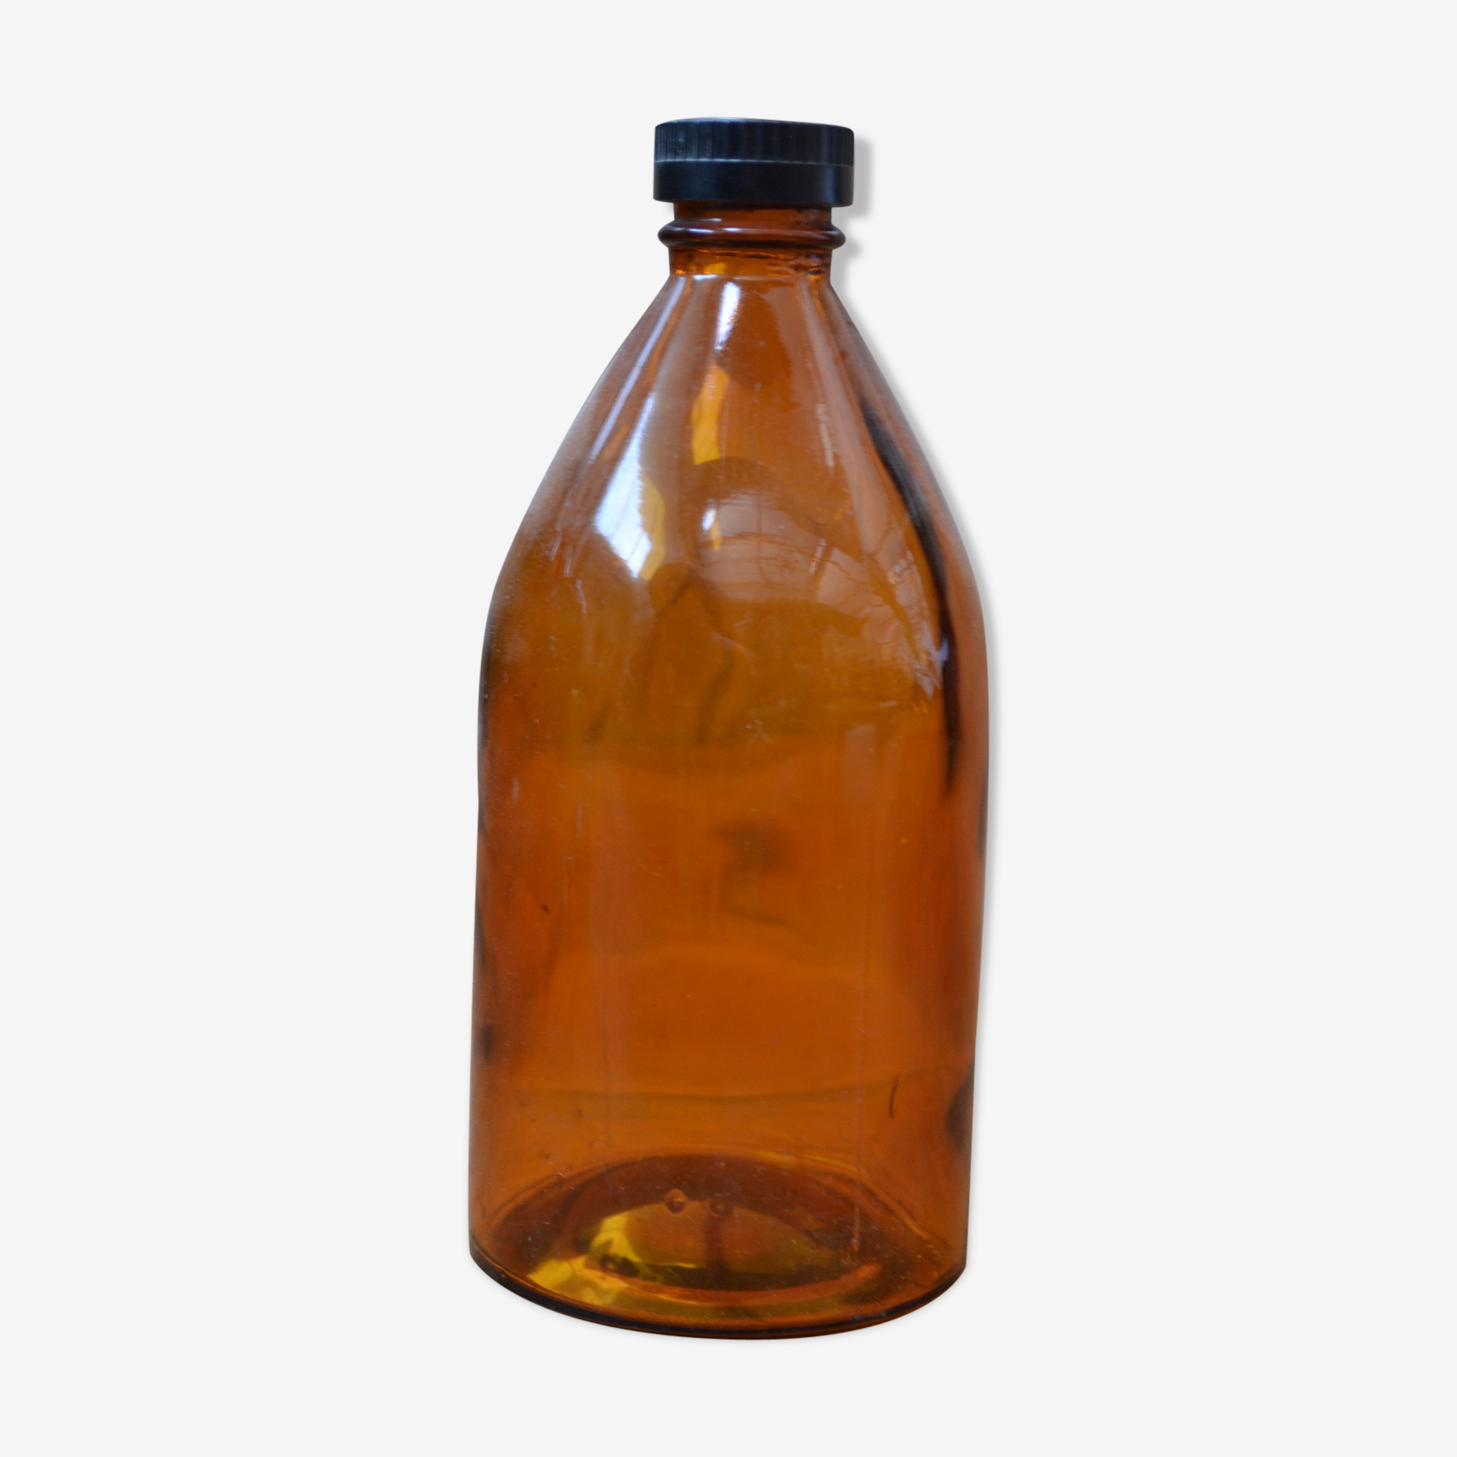 Bottle of pharmacist